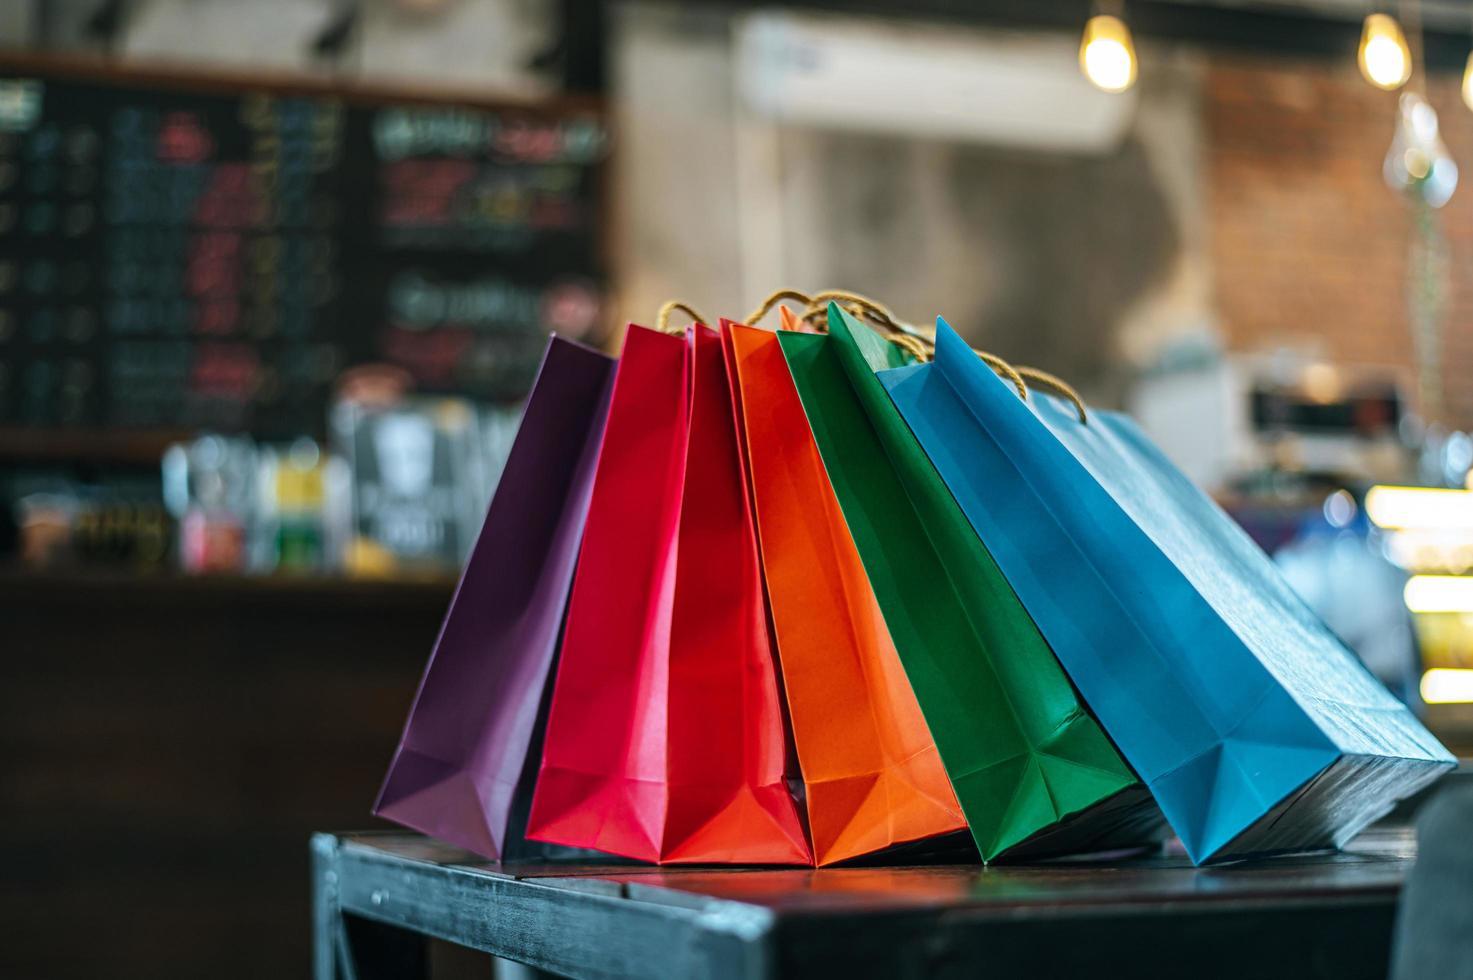 sacchetti di carta colorati posti sul tavolo foto